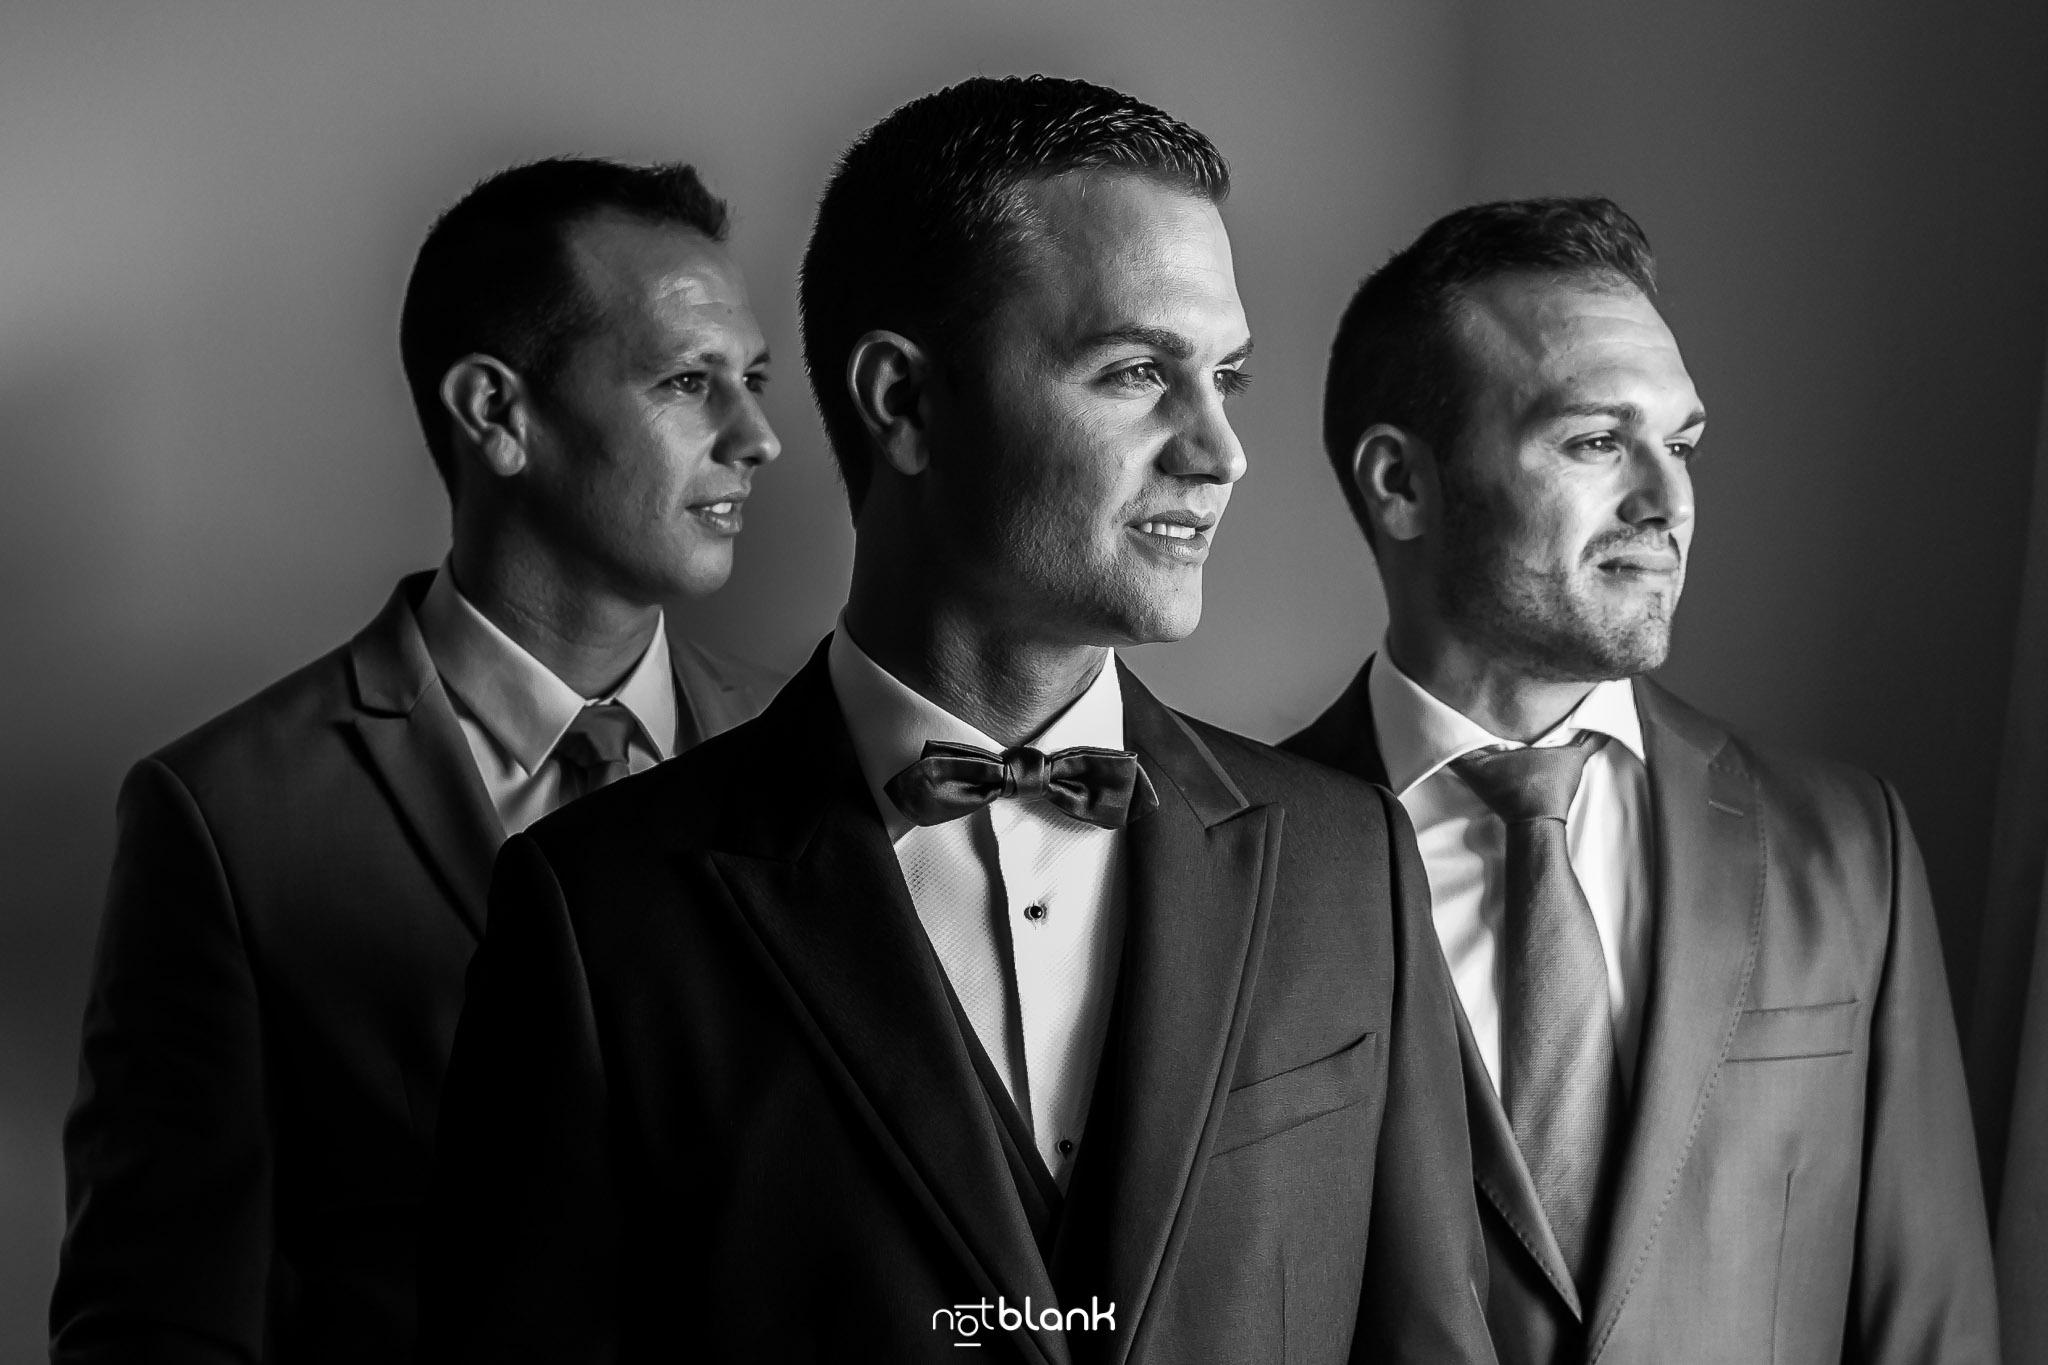 notblank-boda-Fotógrafos-de-boda-Parador Baiona-Bayona-Retrato-Novio-Hermano-Primo